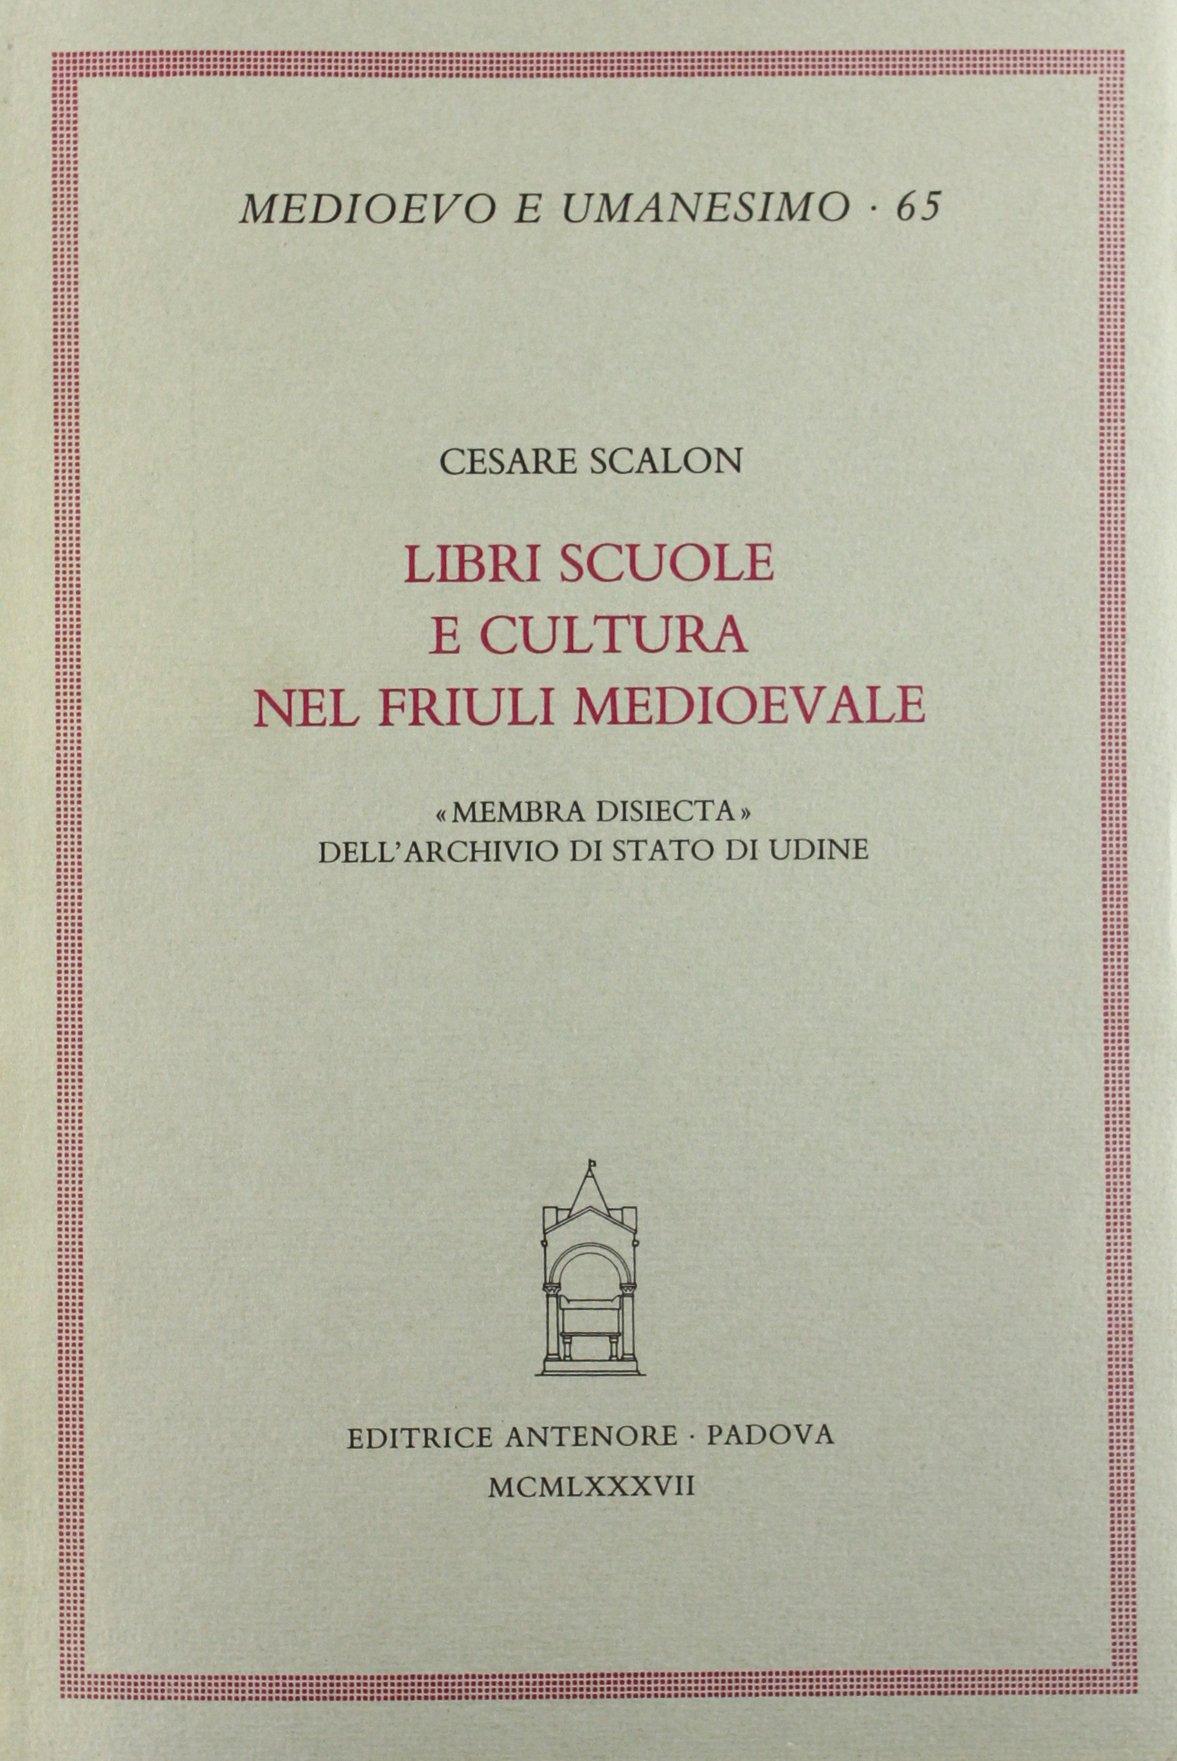 Libri, scuole e cultura nel Friuli medioevale. �Membra disiecta� dell'Archivio di Stato di Udine